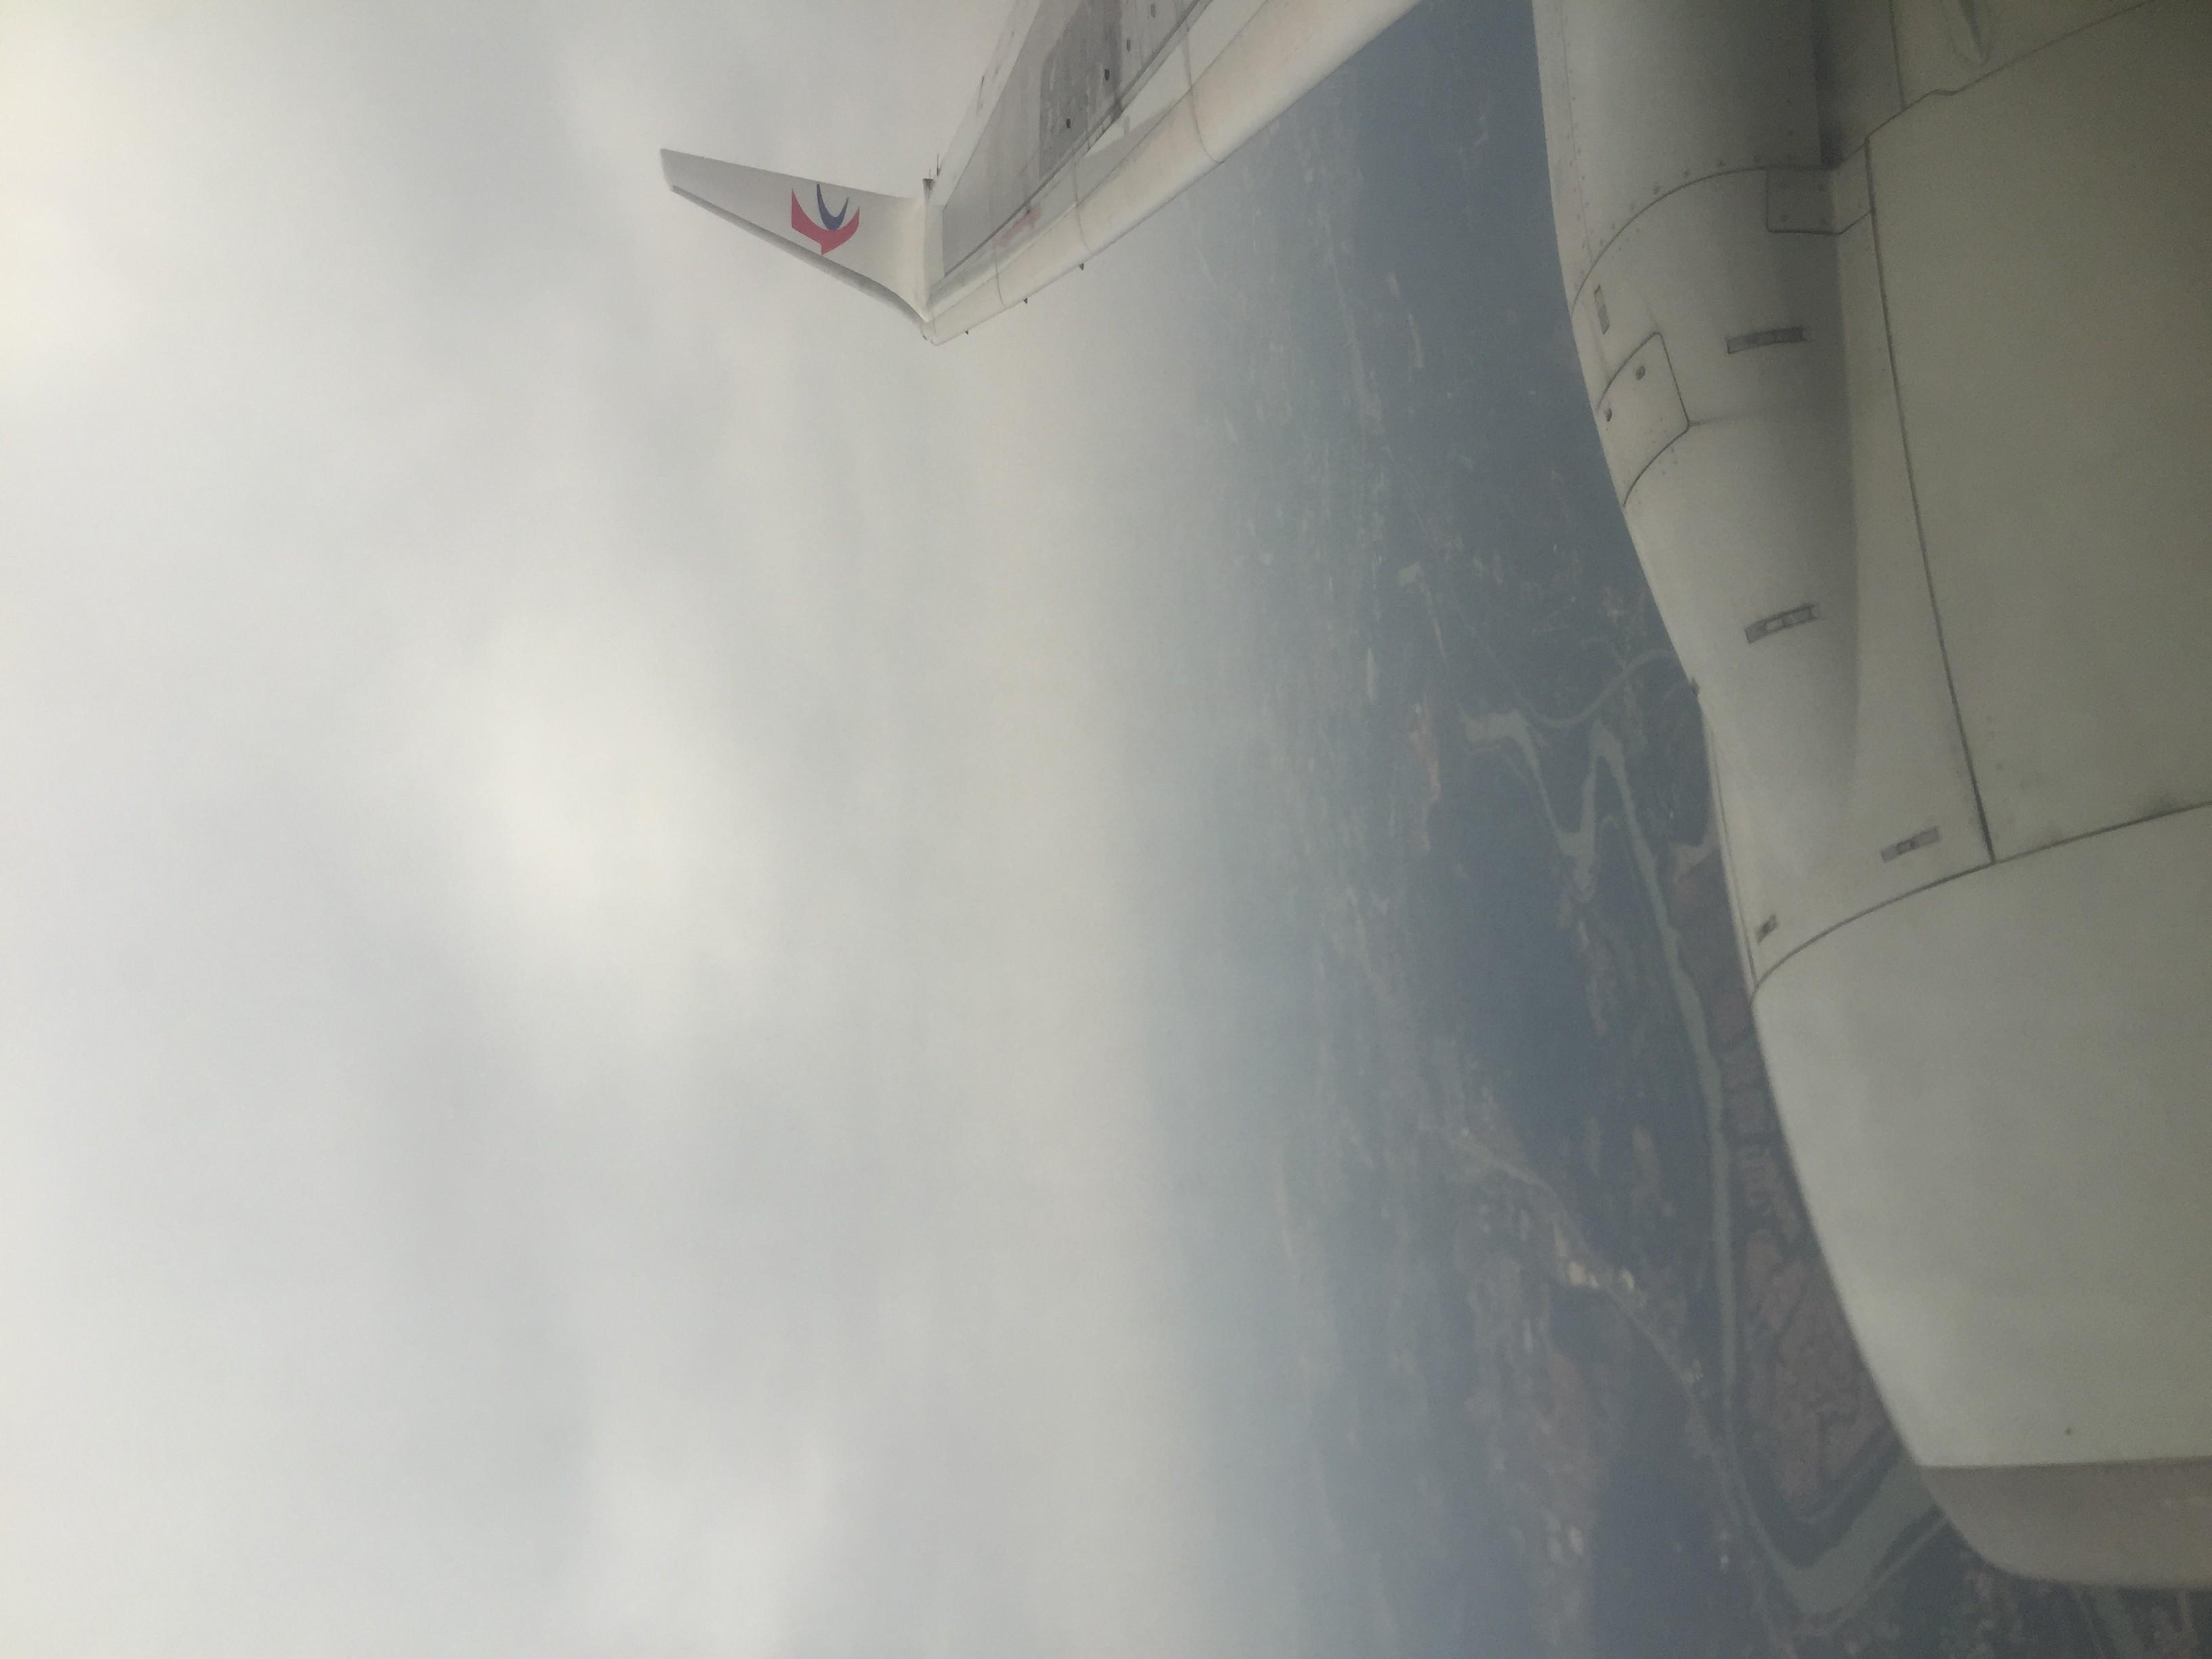 Re:[原创]「BoKer的飞行游记」新人首次发帖 中国东方航空 广州-台州 BOEING 737-800 B-5517 中国广州白云国际机场